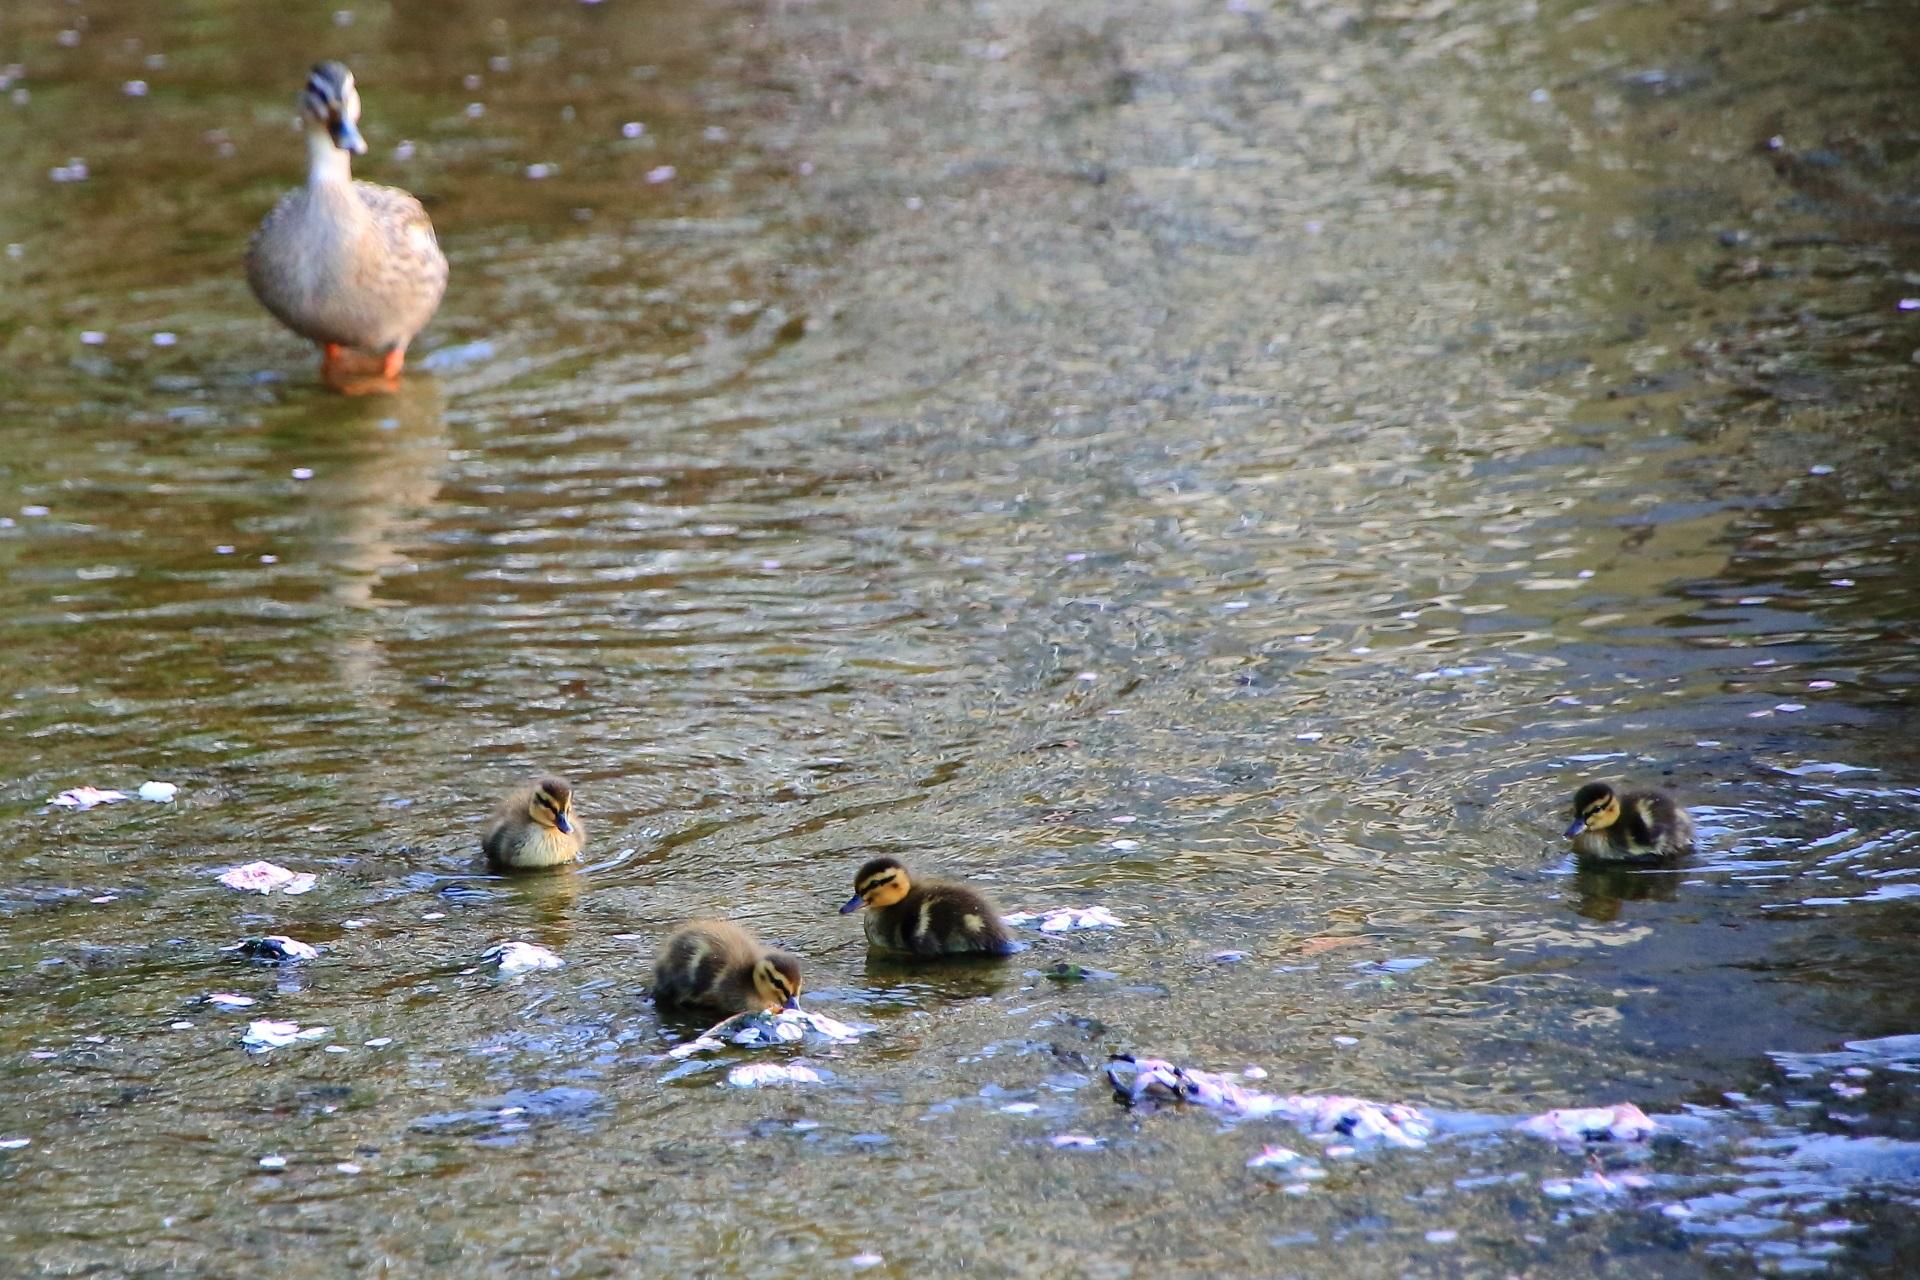 親鴨が見守る散り桜と戯れる子鴨